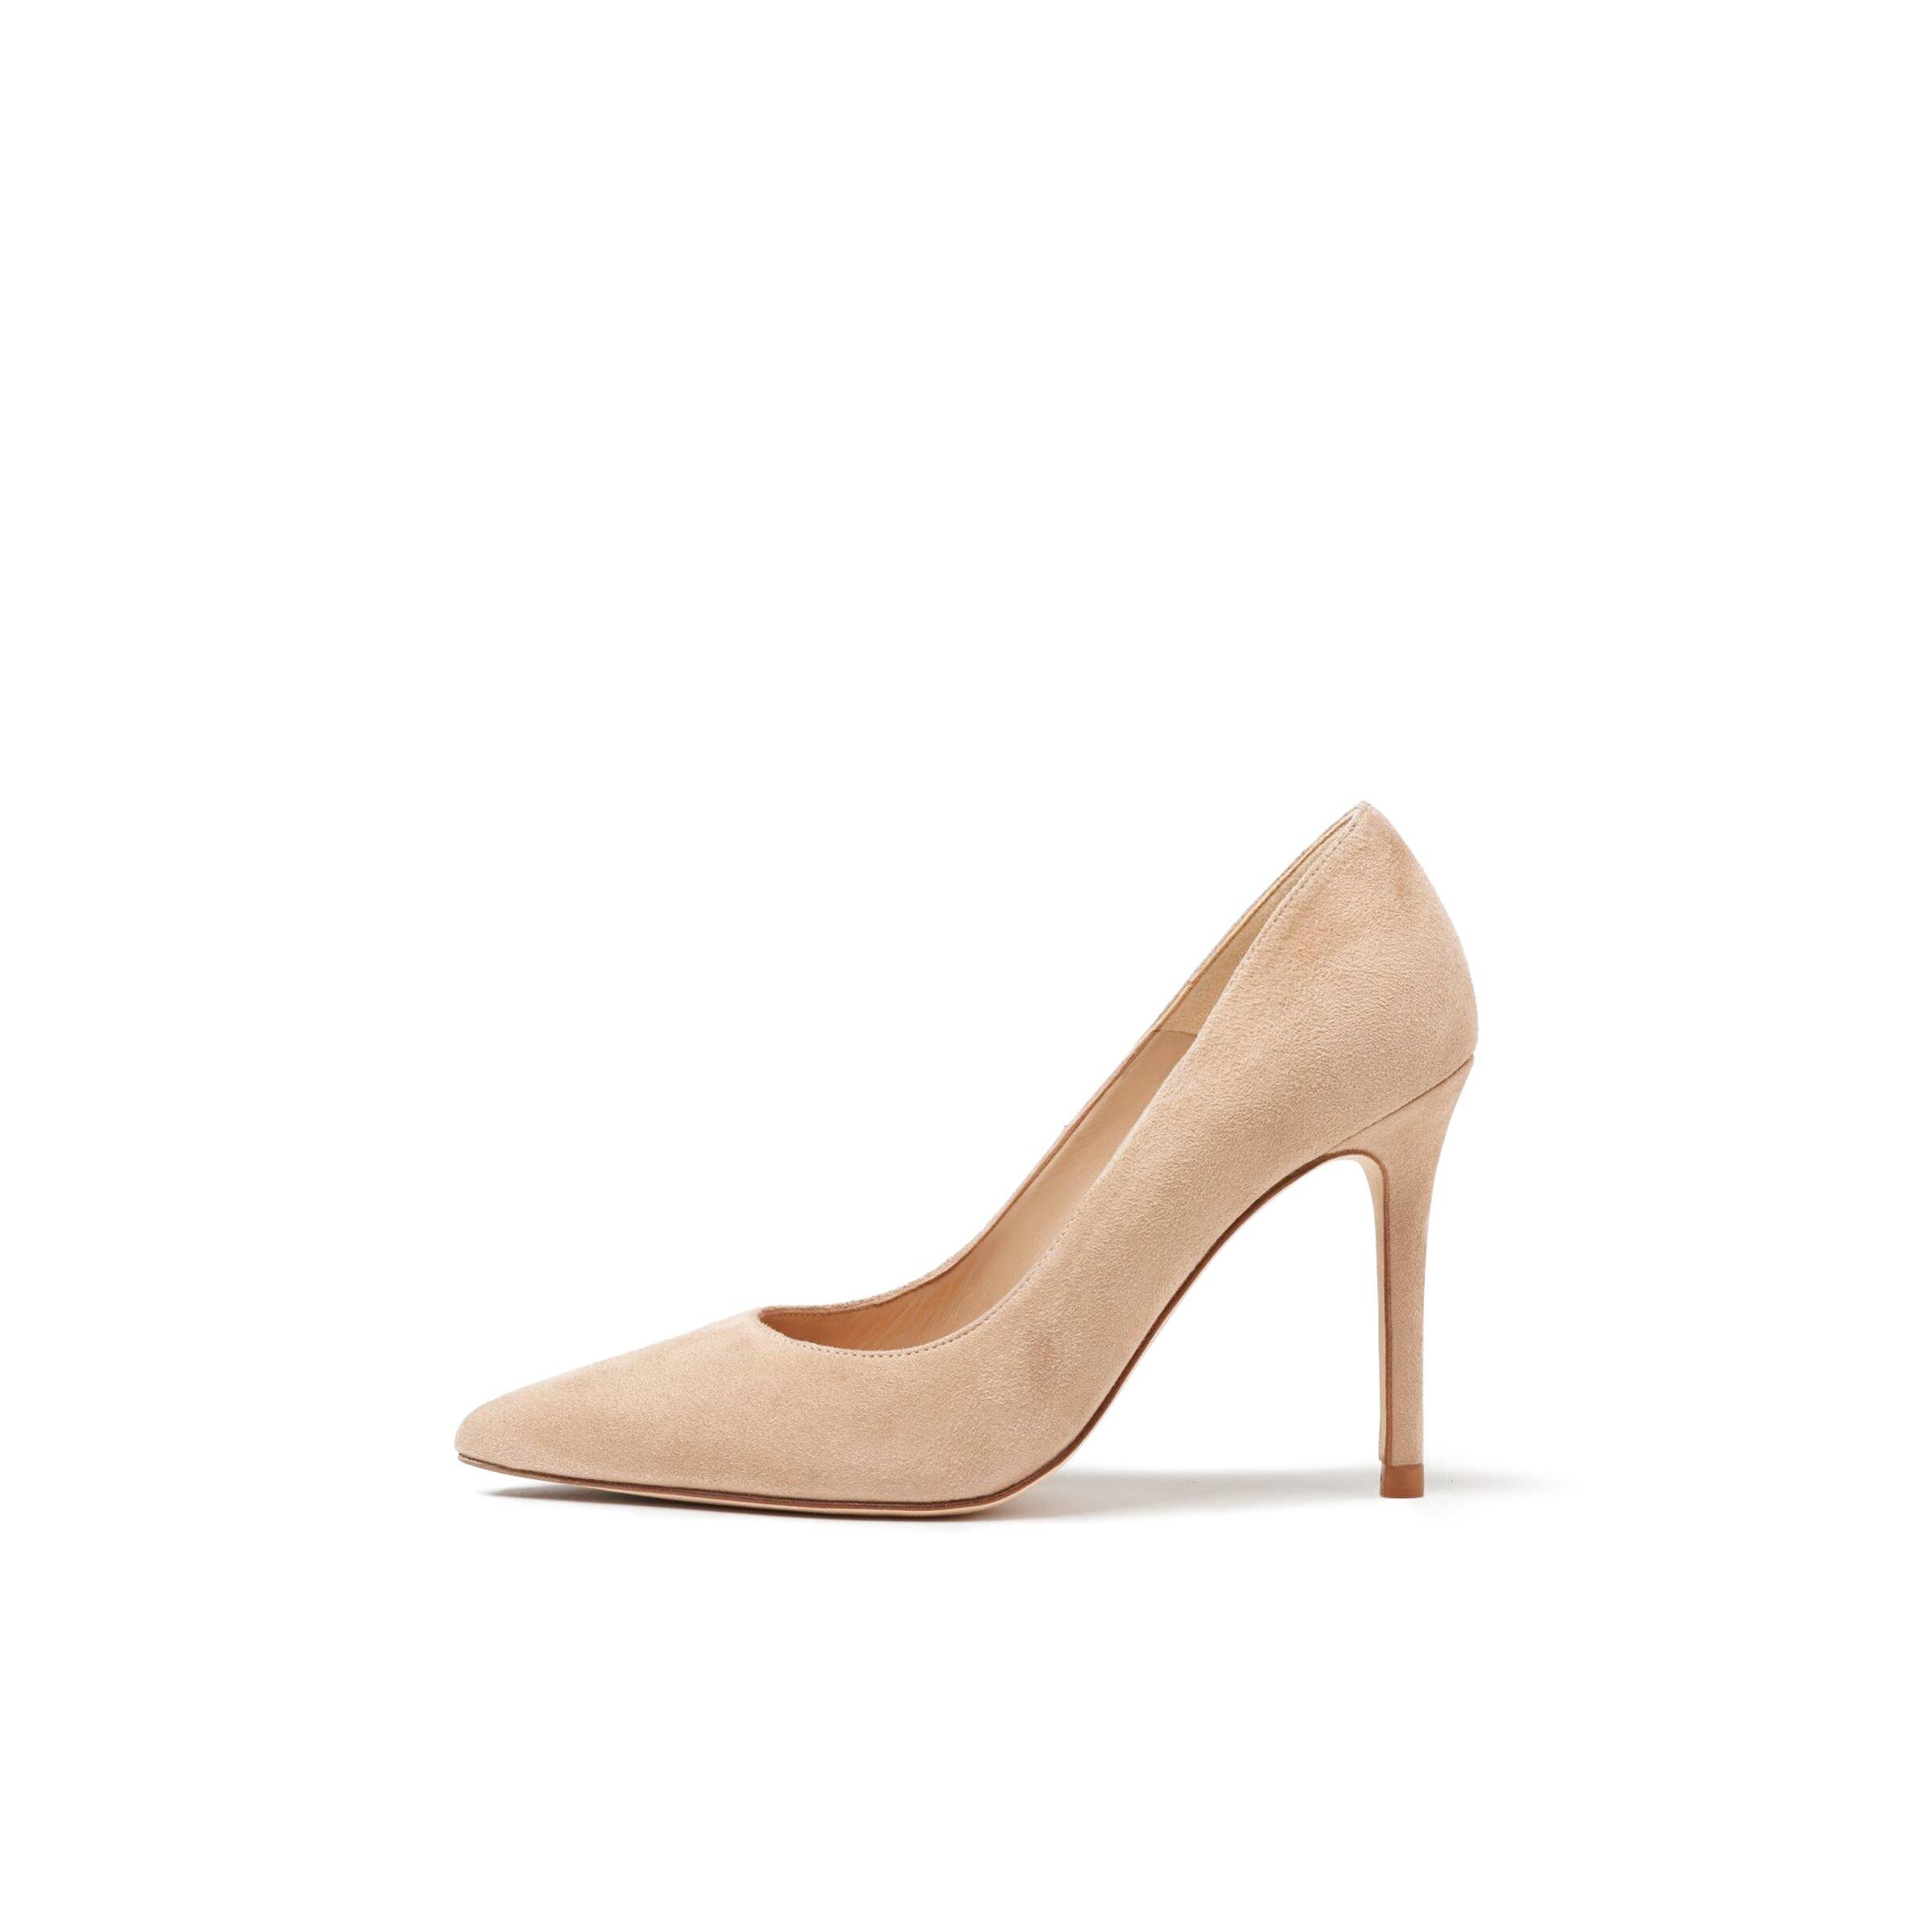 l k bennett court shoe for sale